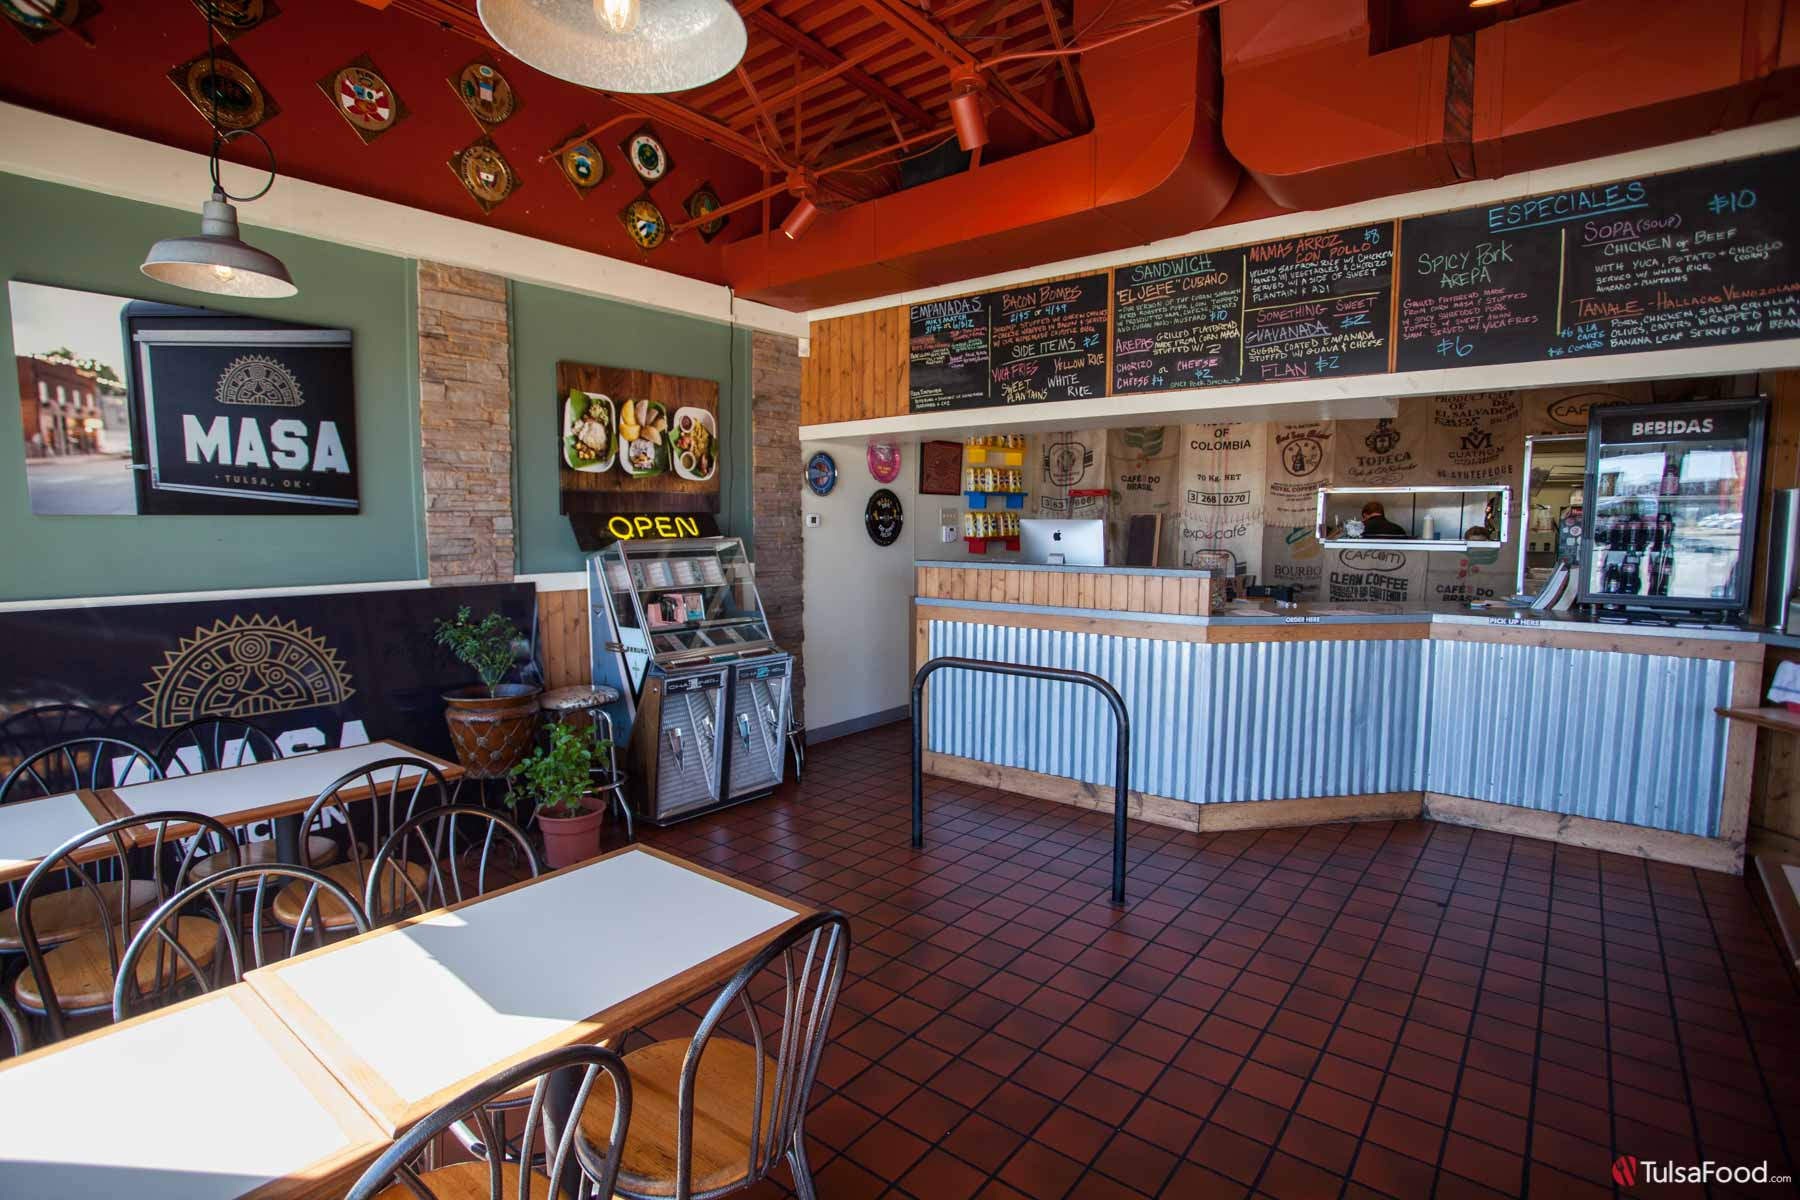 Masa Kitchen Brings South American Fusion To South Tulsa